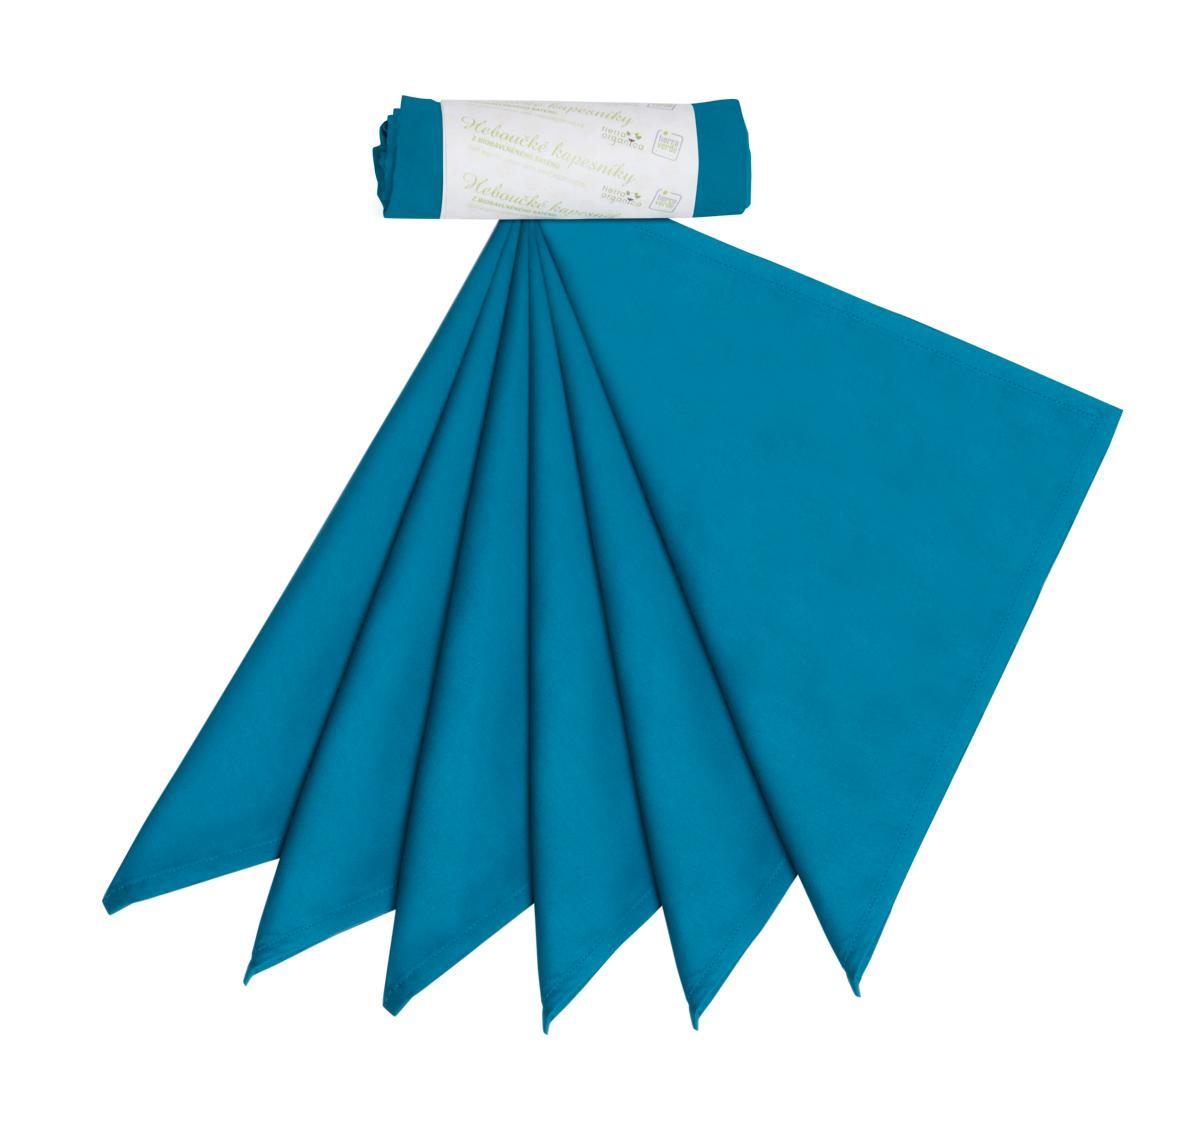 Tierra Verde Kapesníky pánské – tealová modrá (36×36 cm) 6 ks